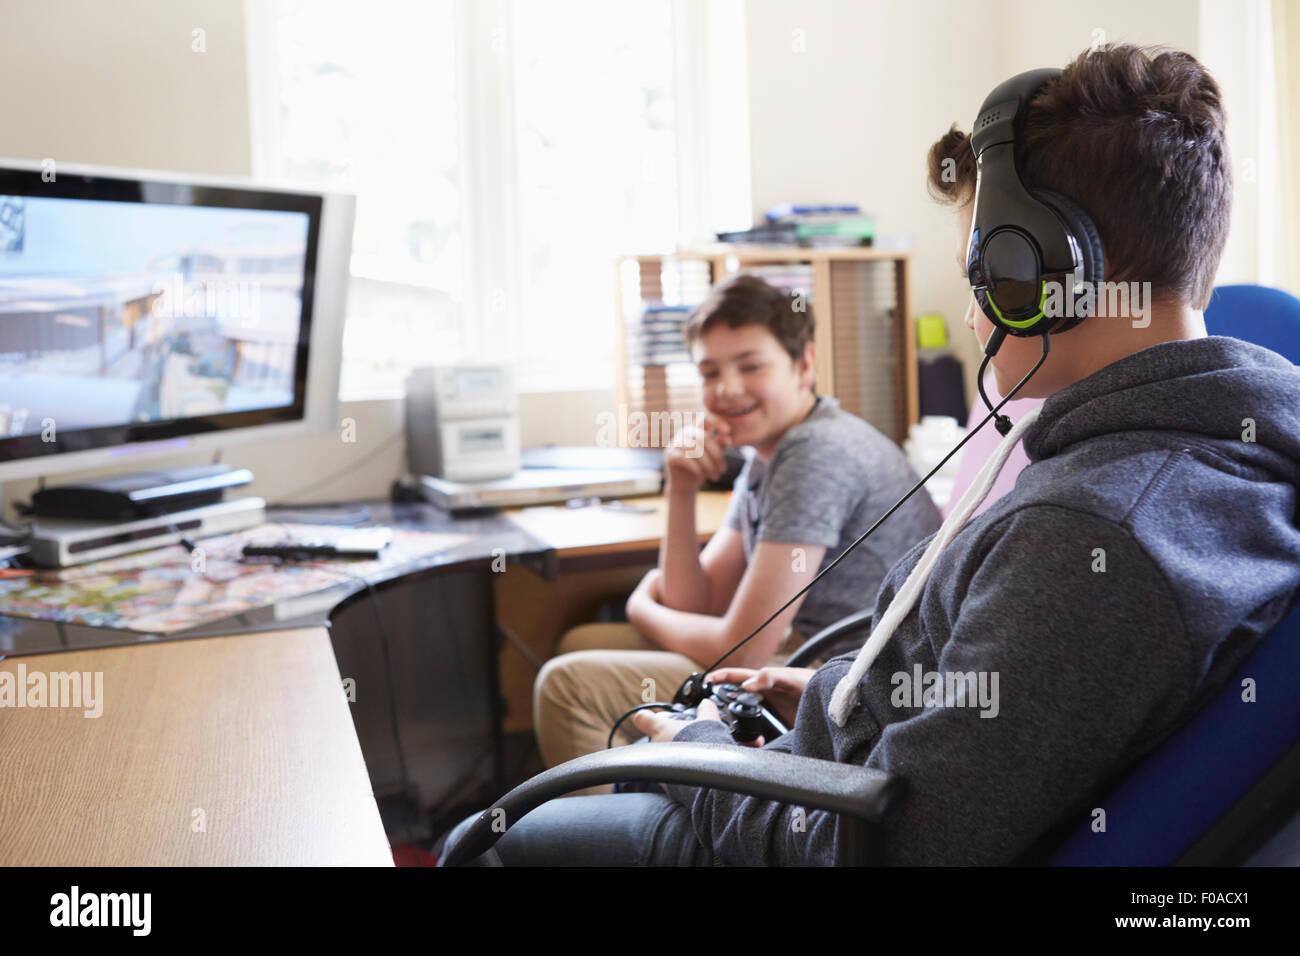 Deux jeunes garçons jouent au jeu sur ordinateur Photo Stock